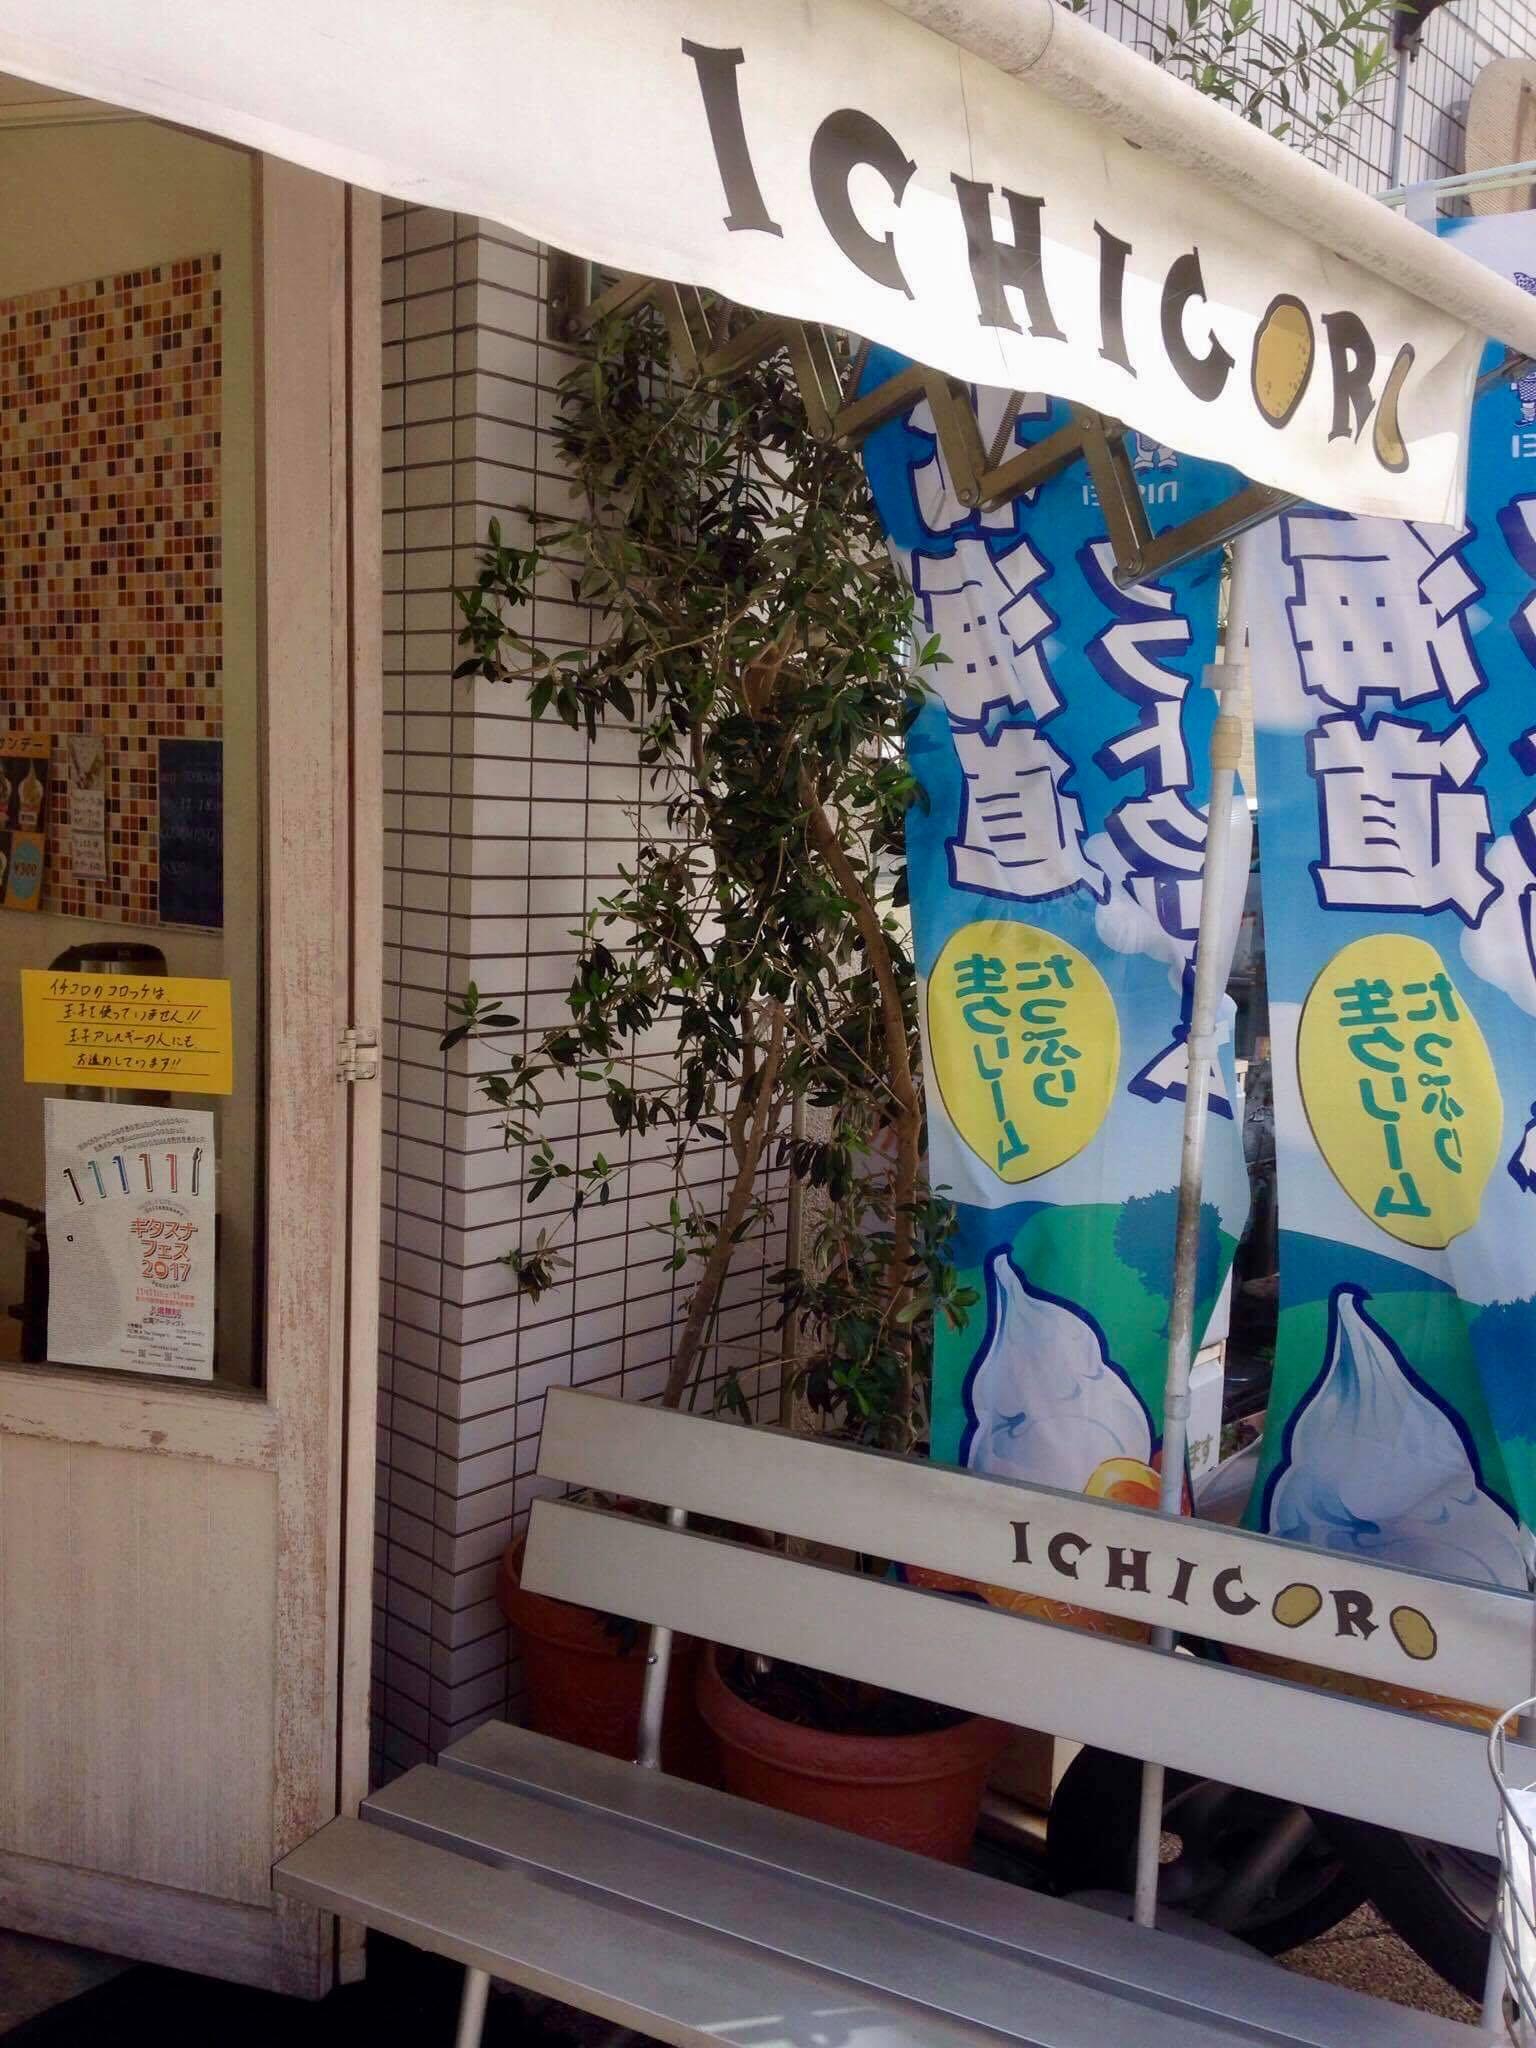 ICHICOROさん